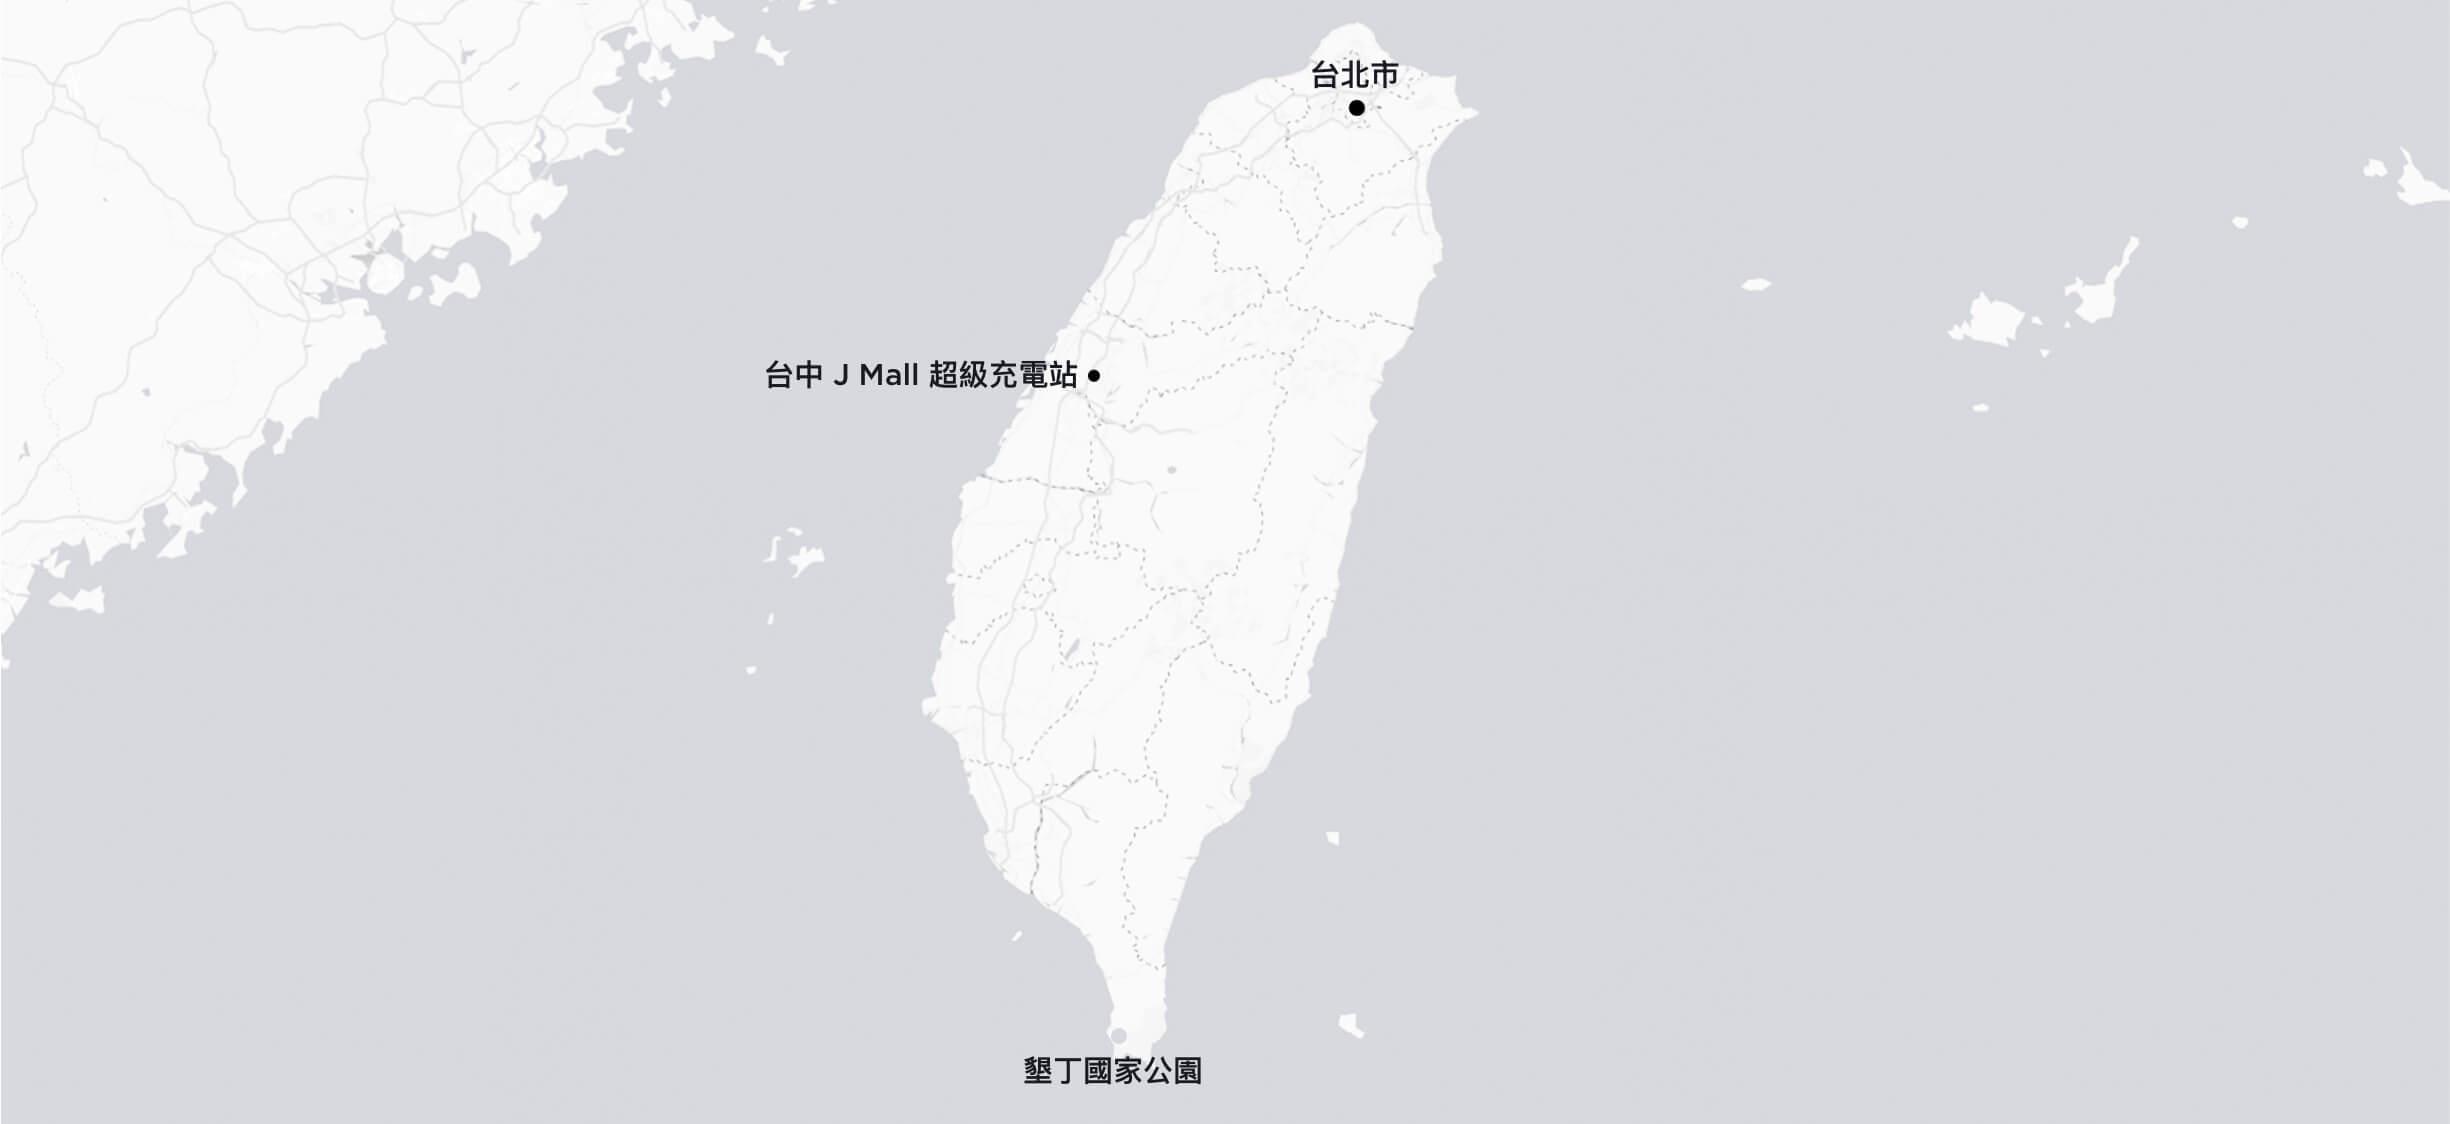 台北市<br />經台中 J Mall 超級充電站<br />至墾丁國家公園